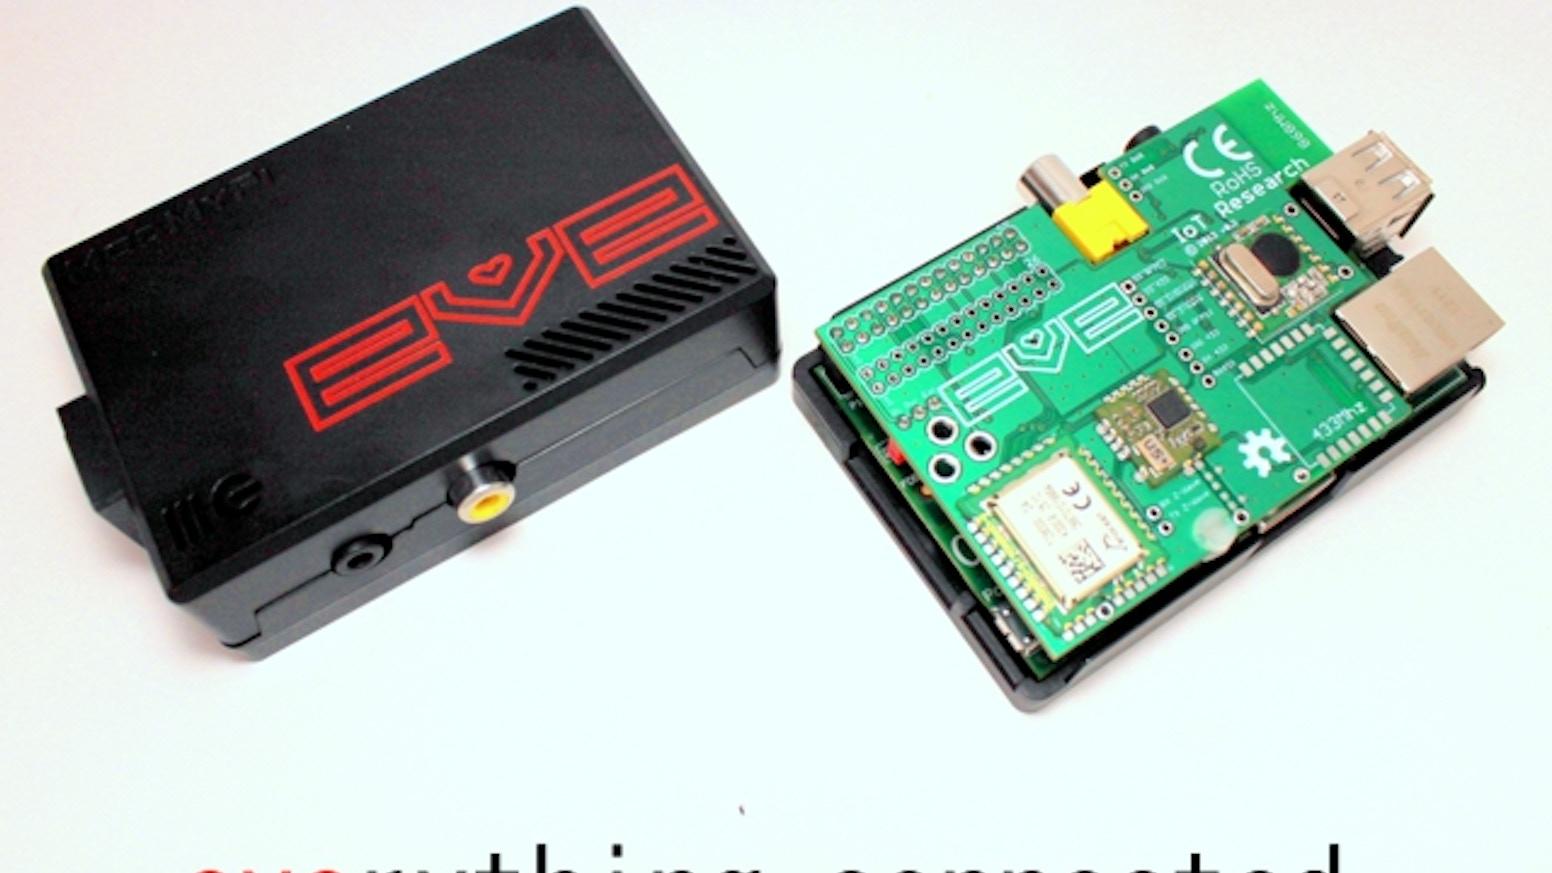 EVE Alpha - Raspberry Pi wireless development hardware by